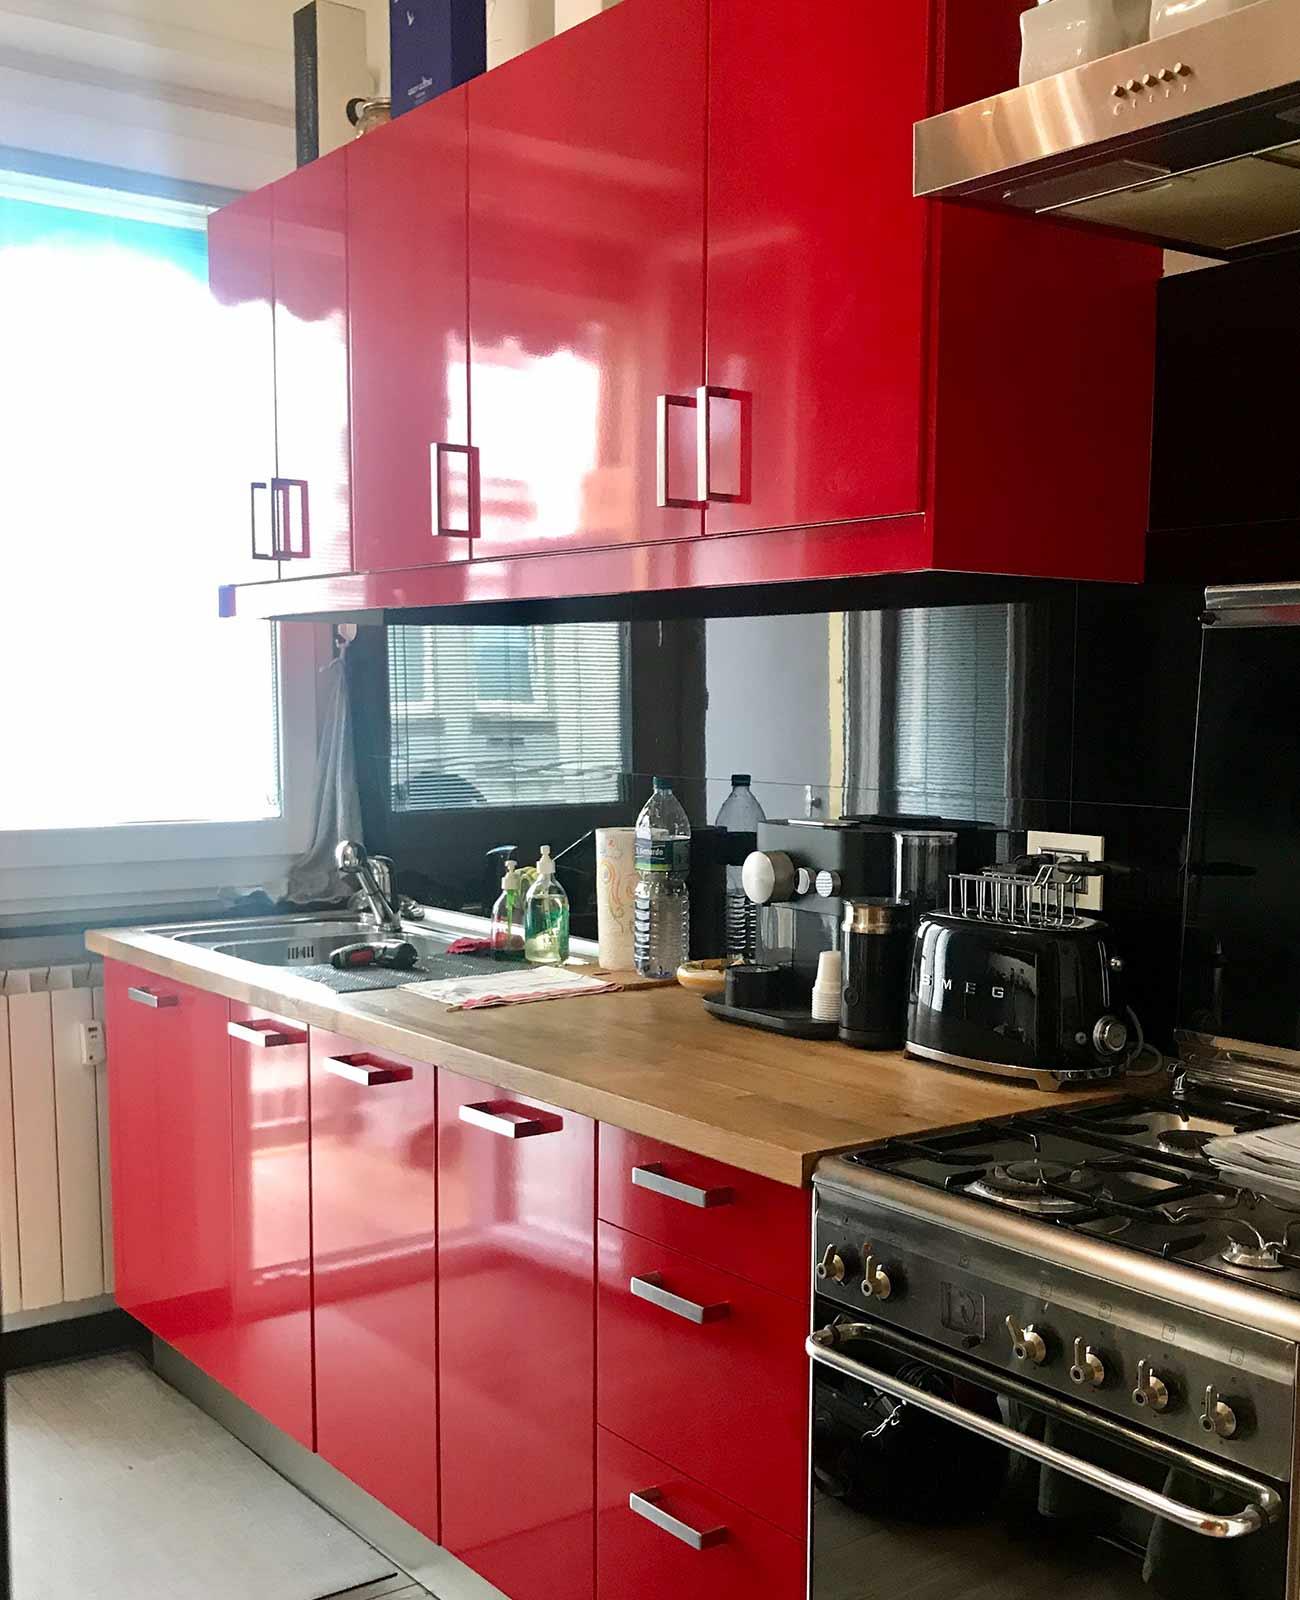 interior-cucina3-wrapping-creative.jpg